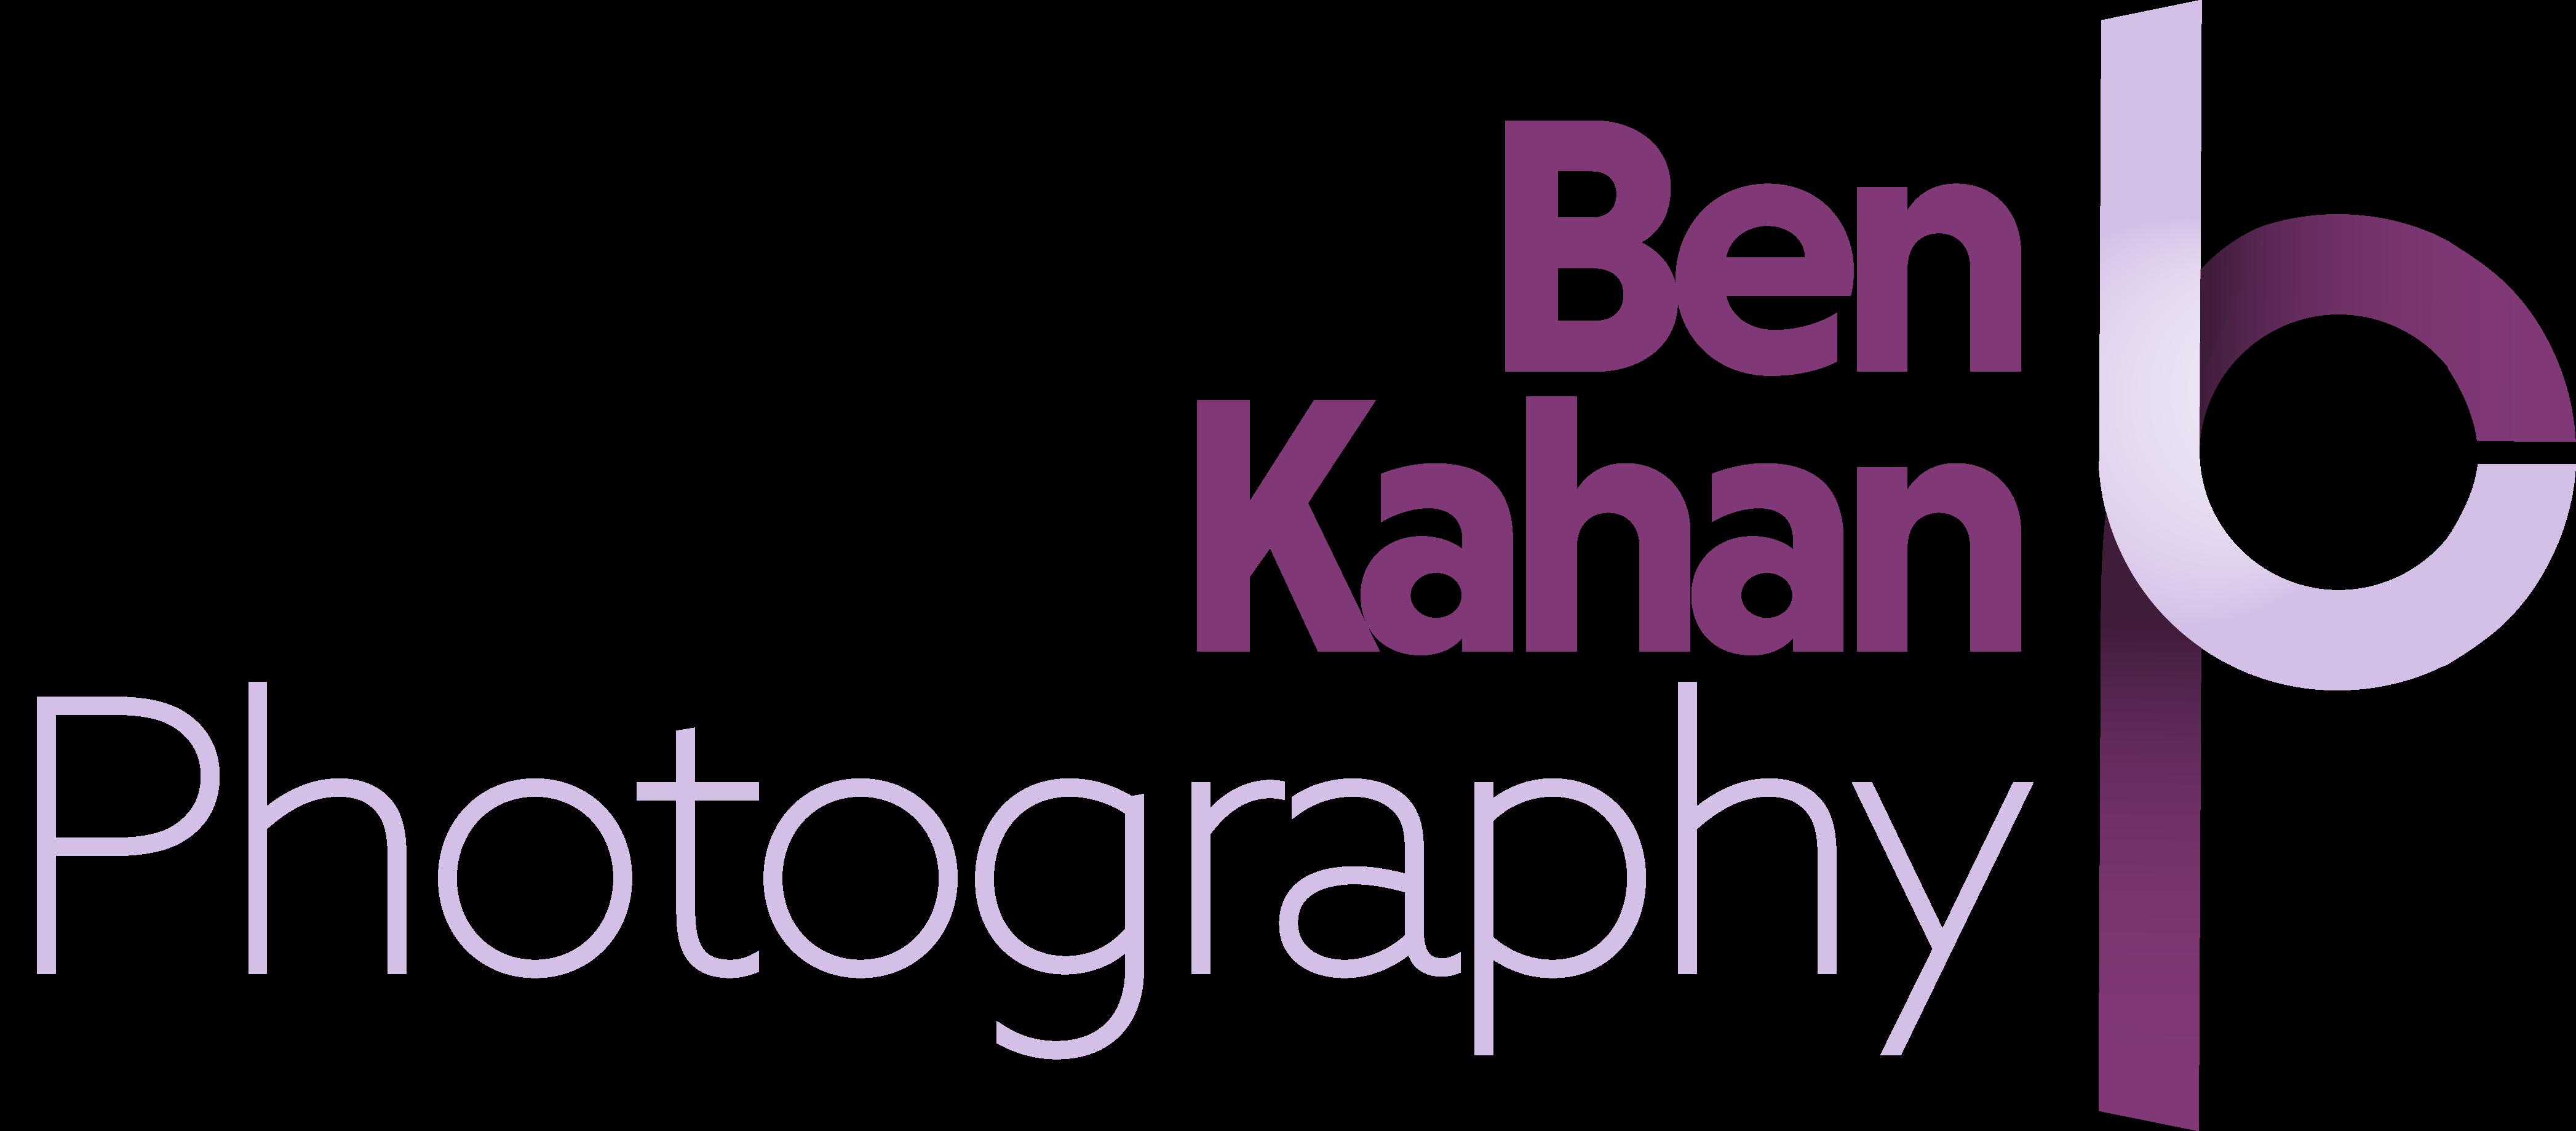 Ben Kahan